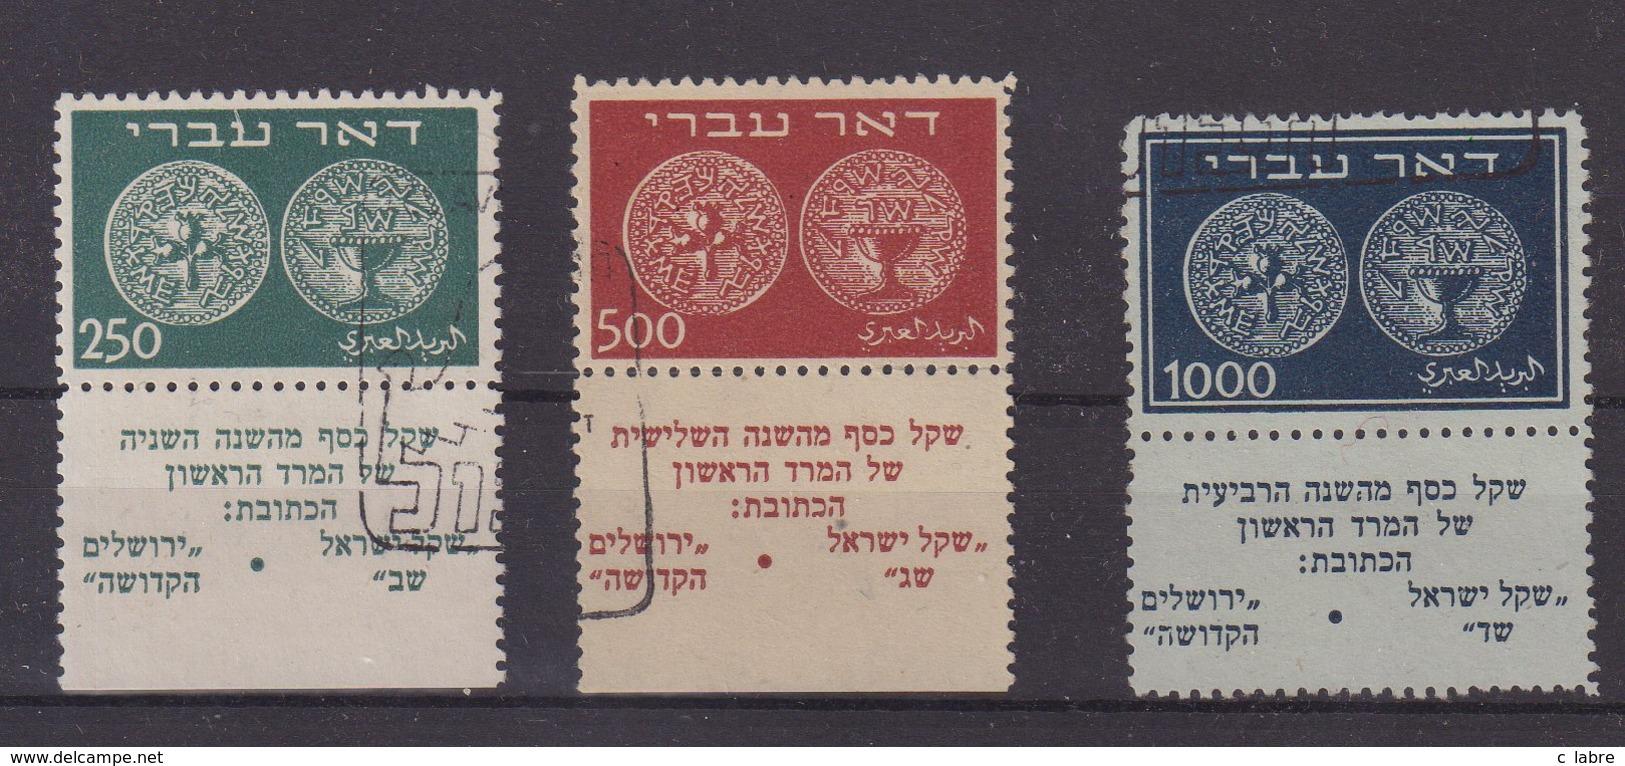 ISRAEL : N° 7 , N° 8 , N° 9 . OBL . TB . 1948 . ( CATALOGUE YVERT ) . - Israel